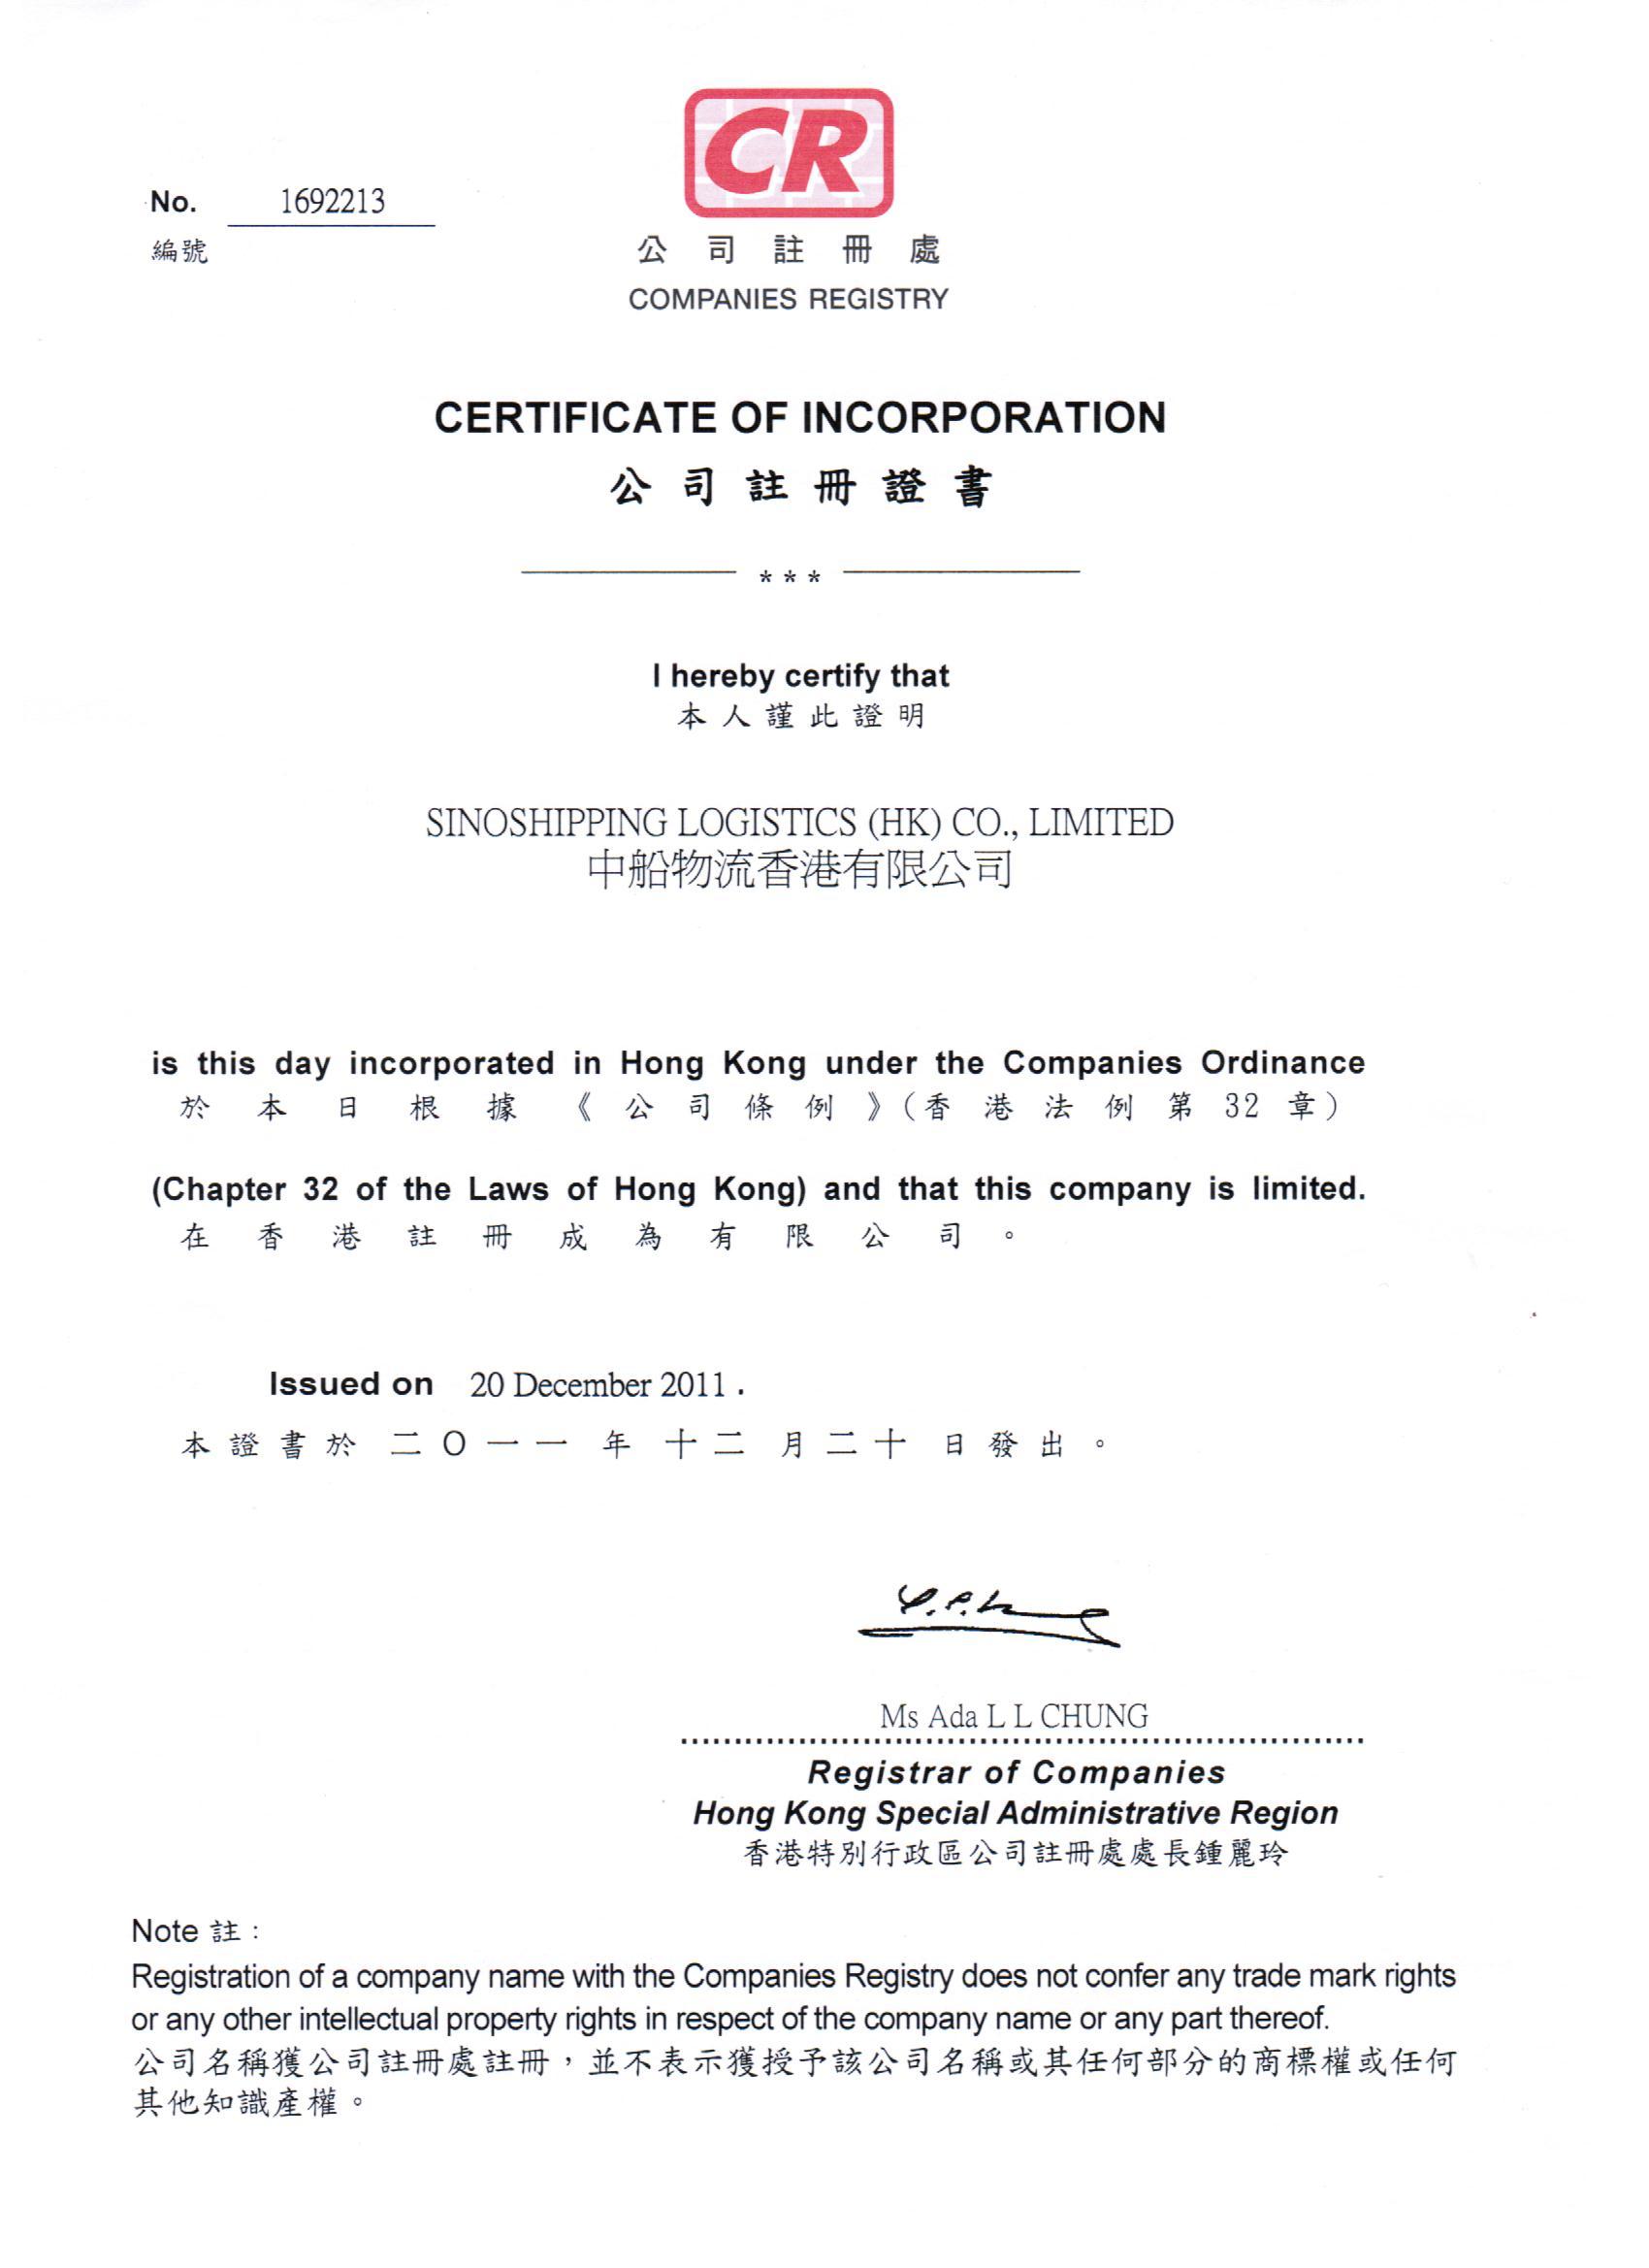 香港公司注册证书